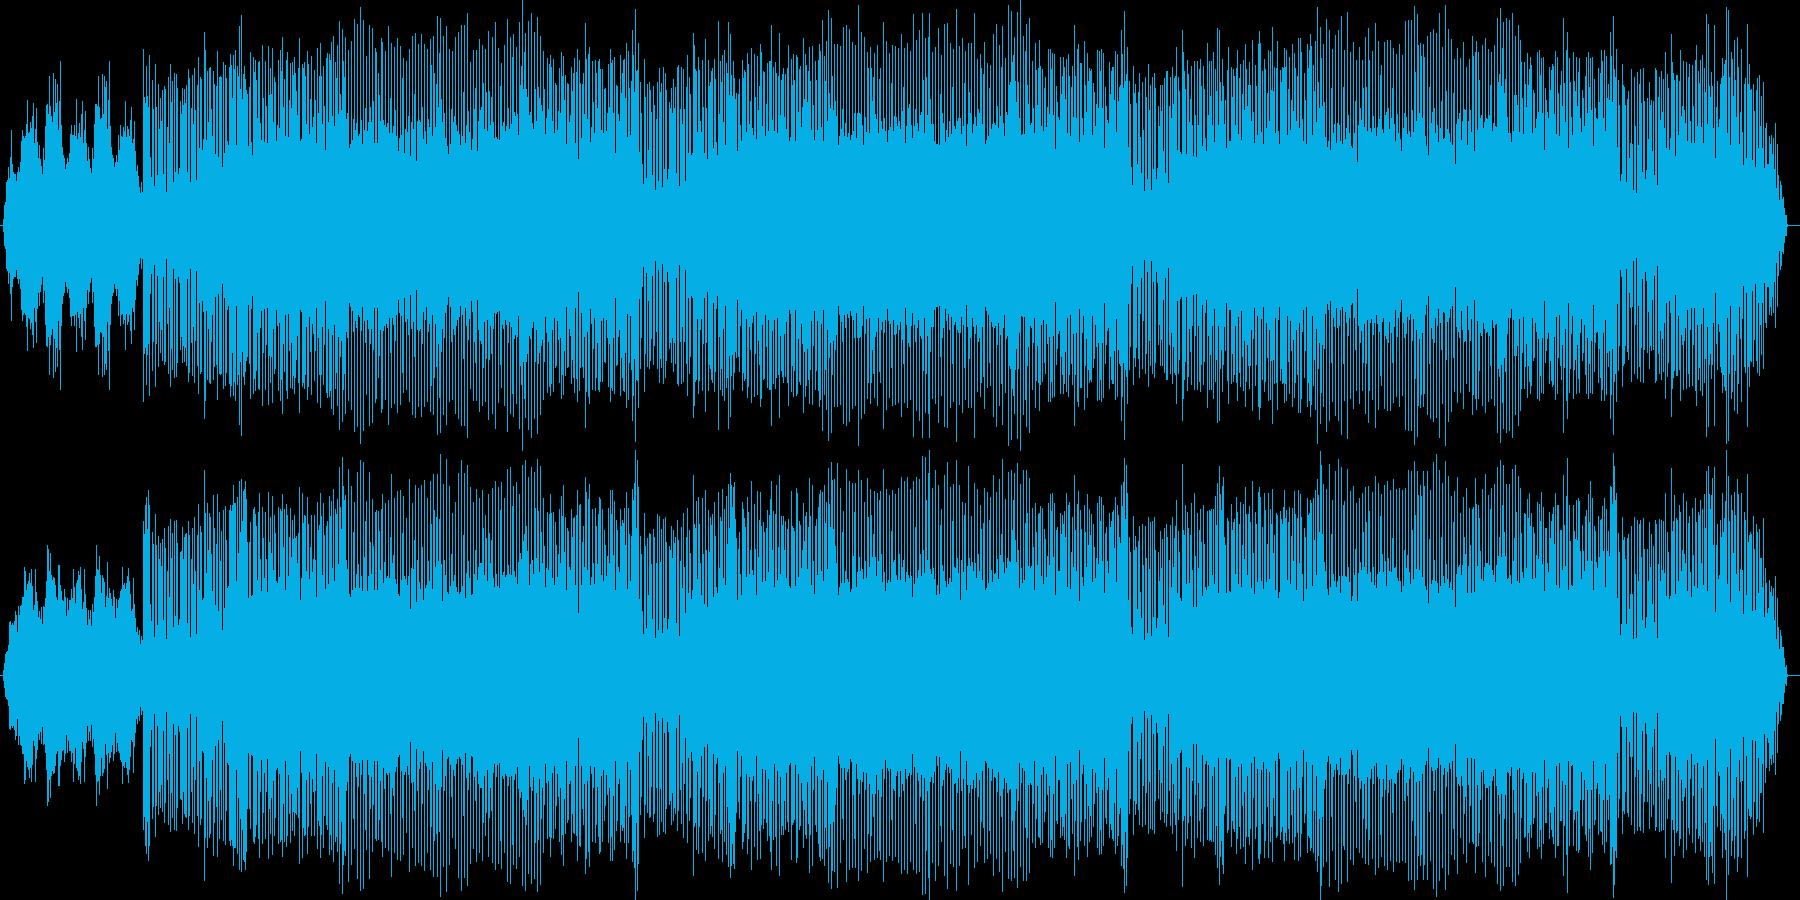 メタルのバラード作ってみました。聴い…の再生済みの波形